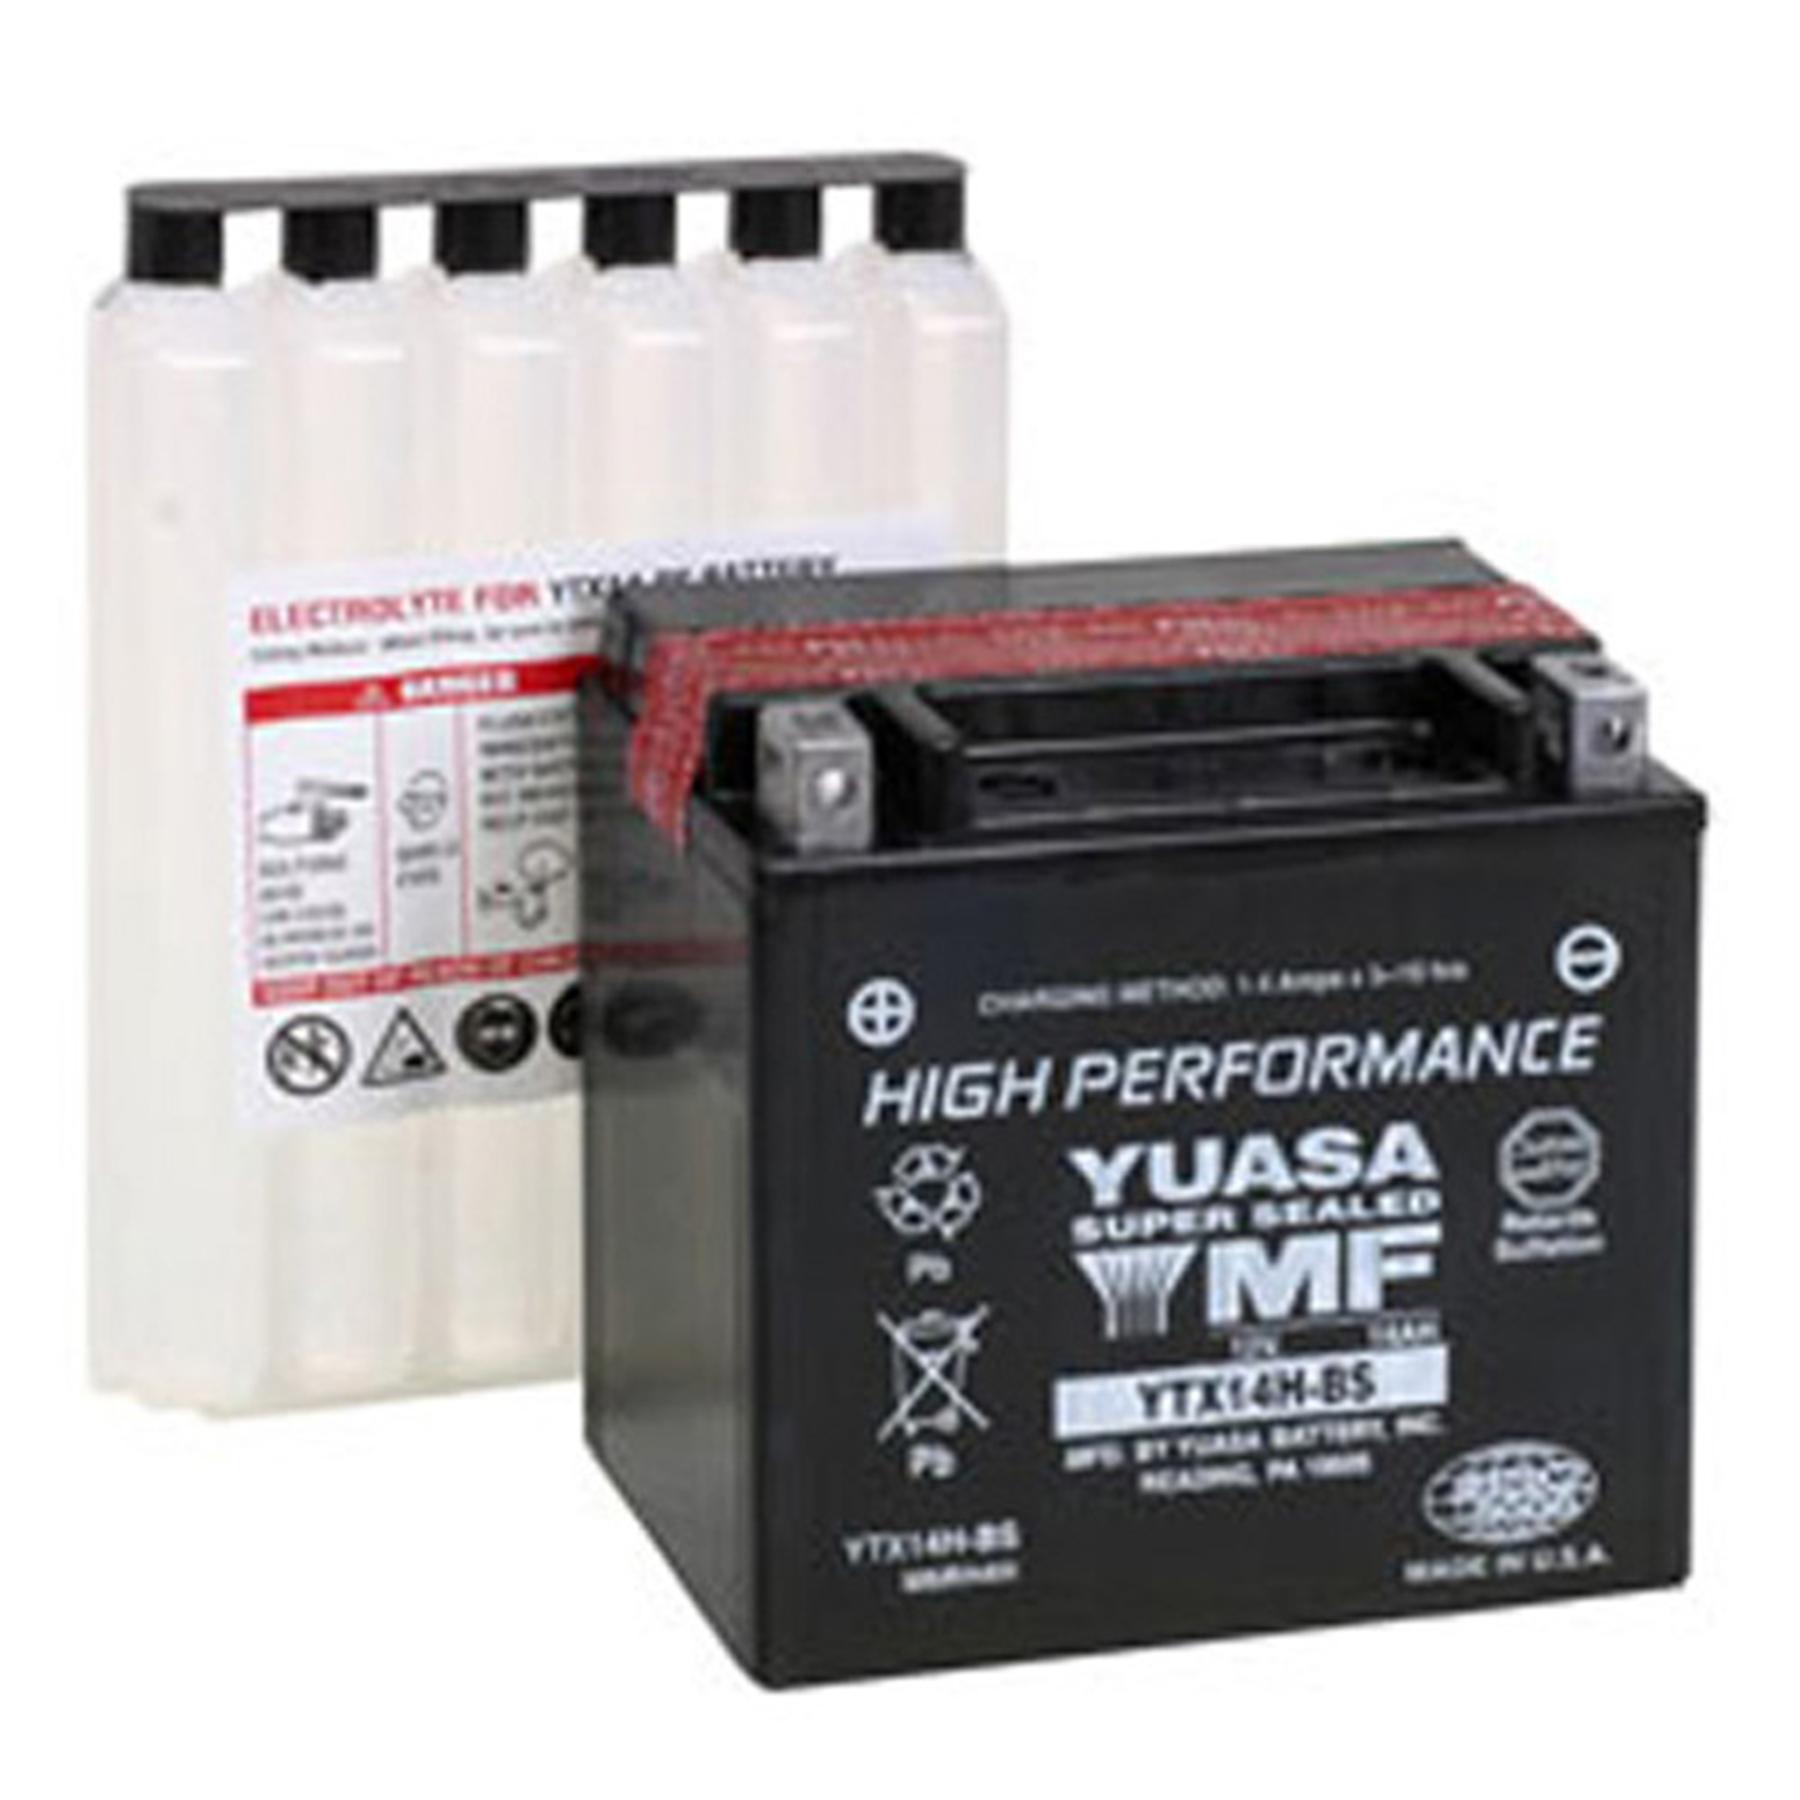 YUASA YTX14H-BS H-PERFORMANCE MF BATTERY